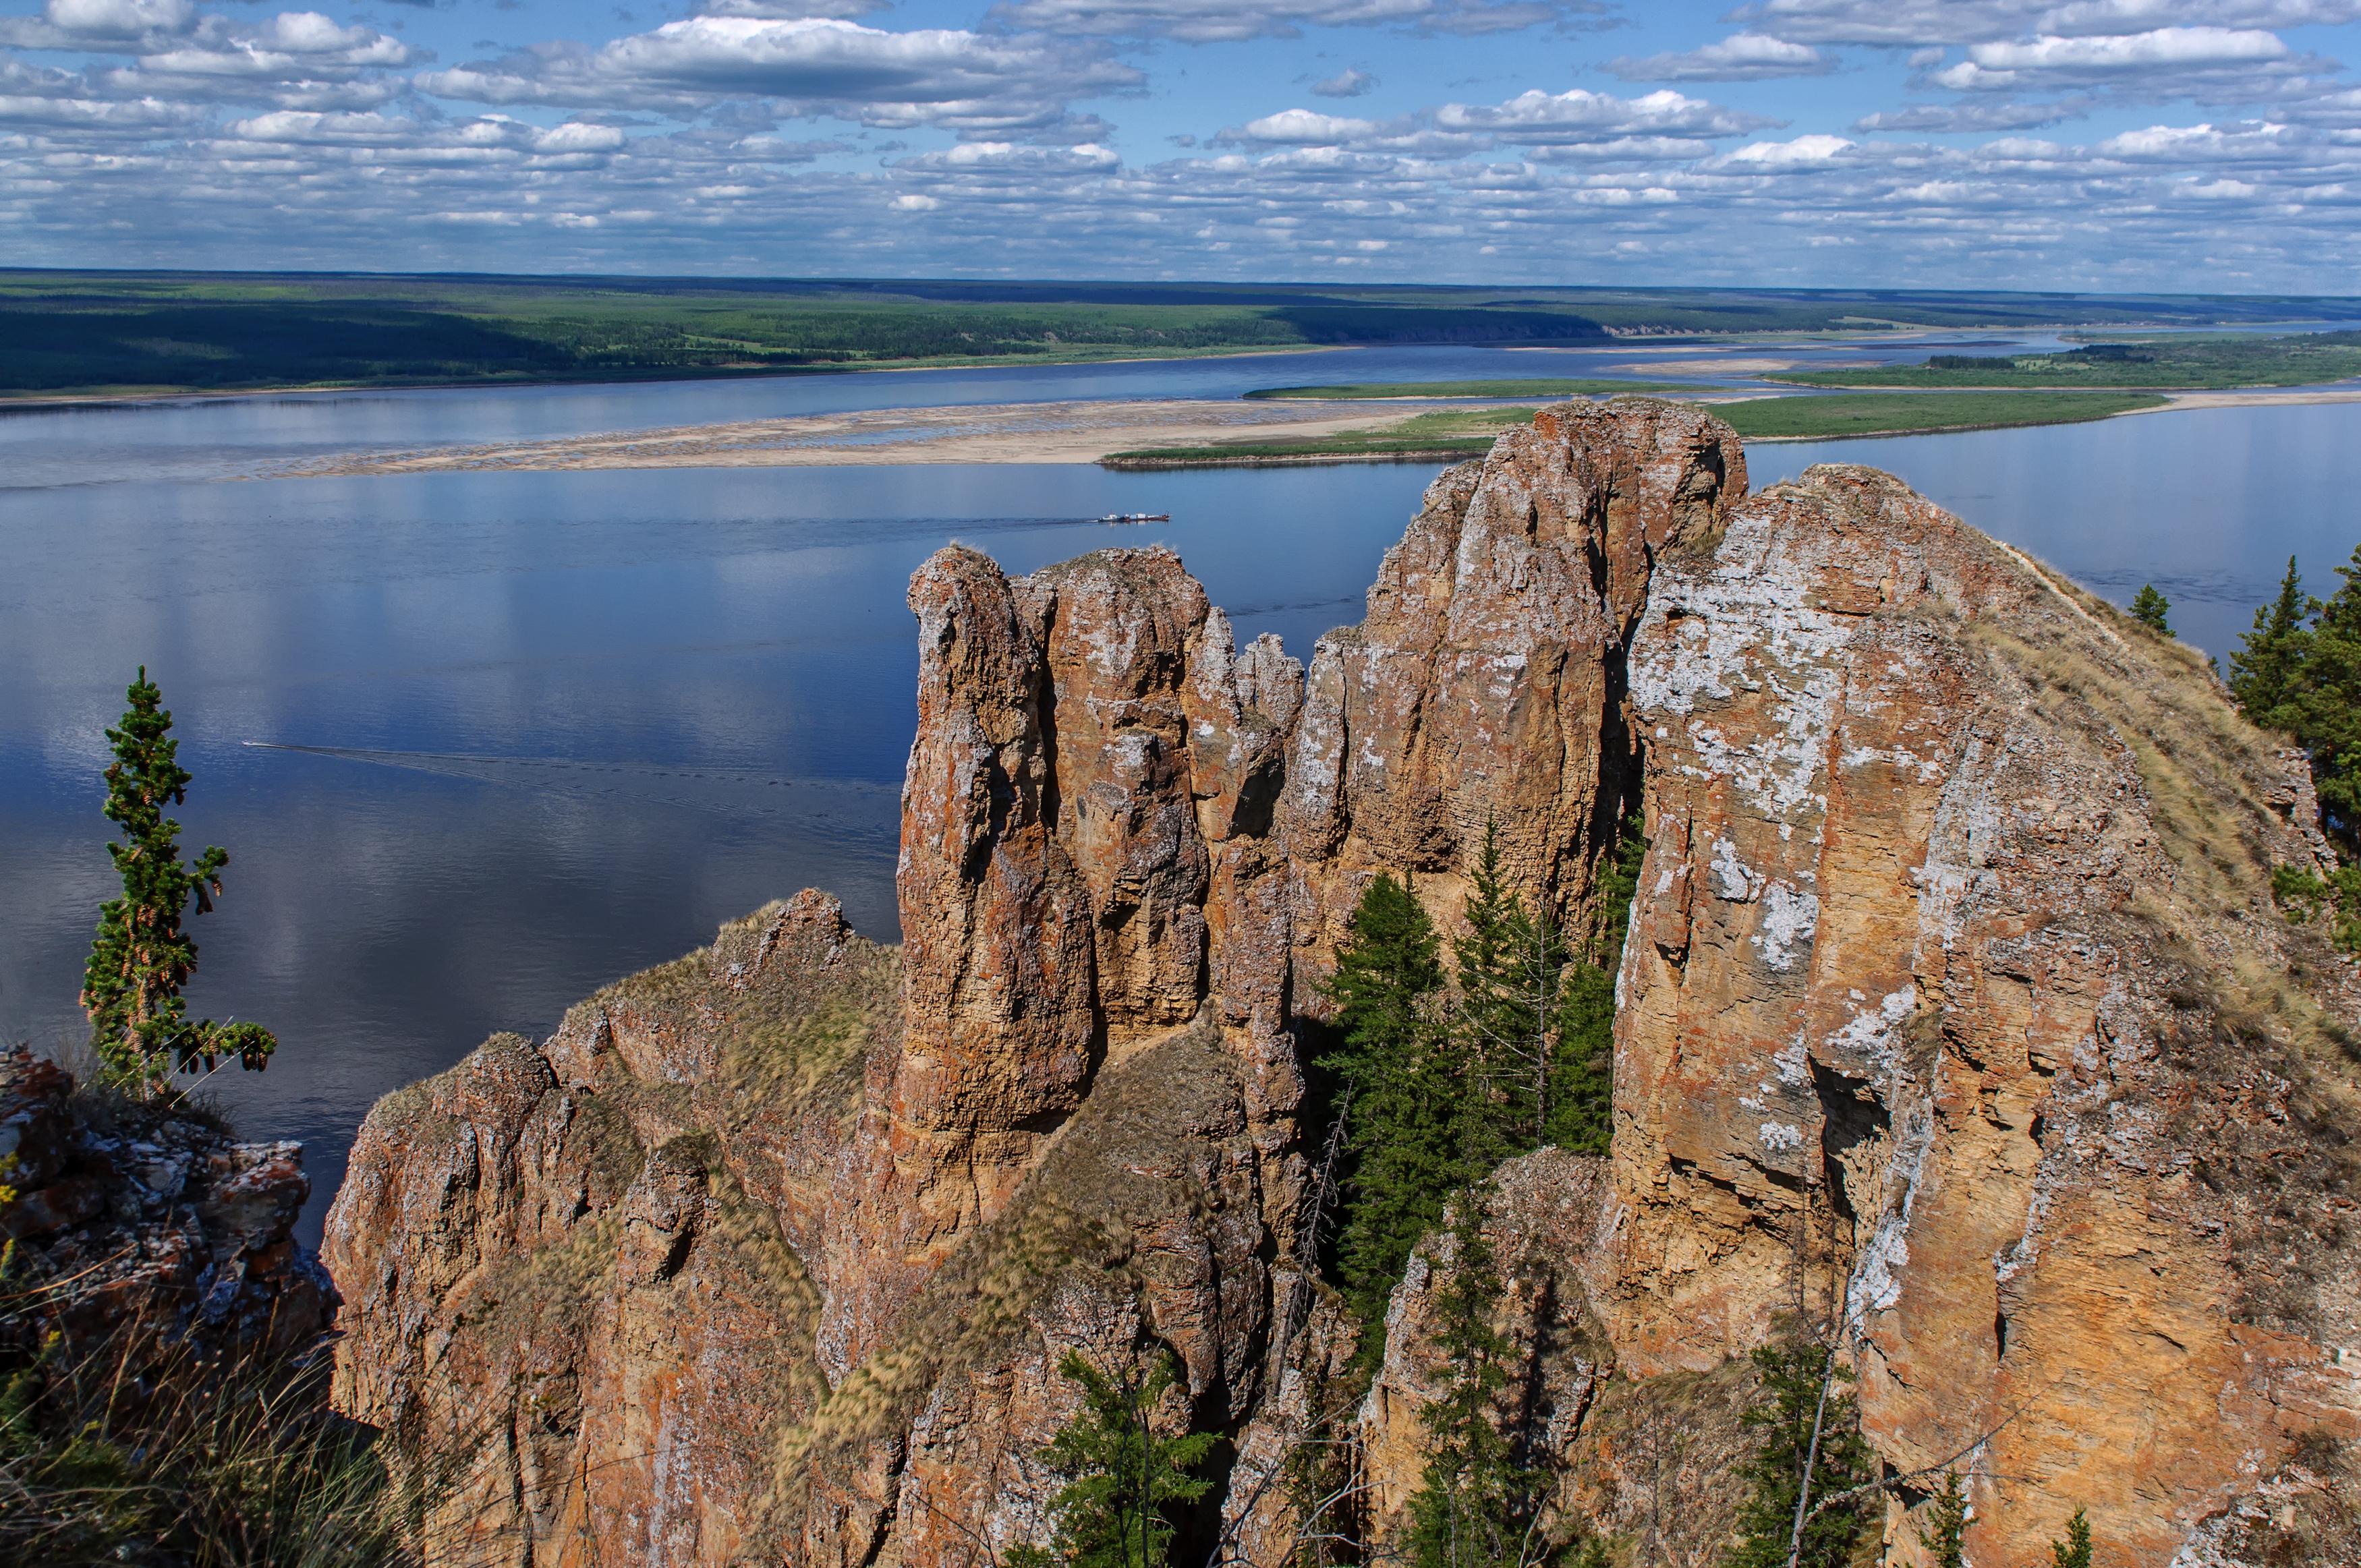 Foto van het uitzicht over de rivier de Lena, Republiek Sakha